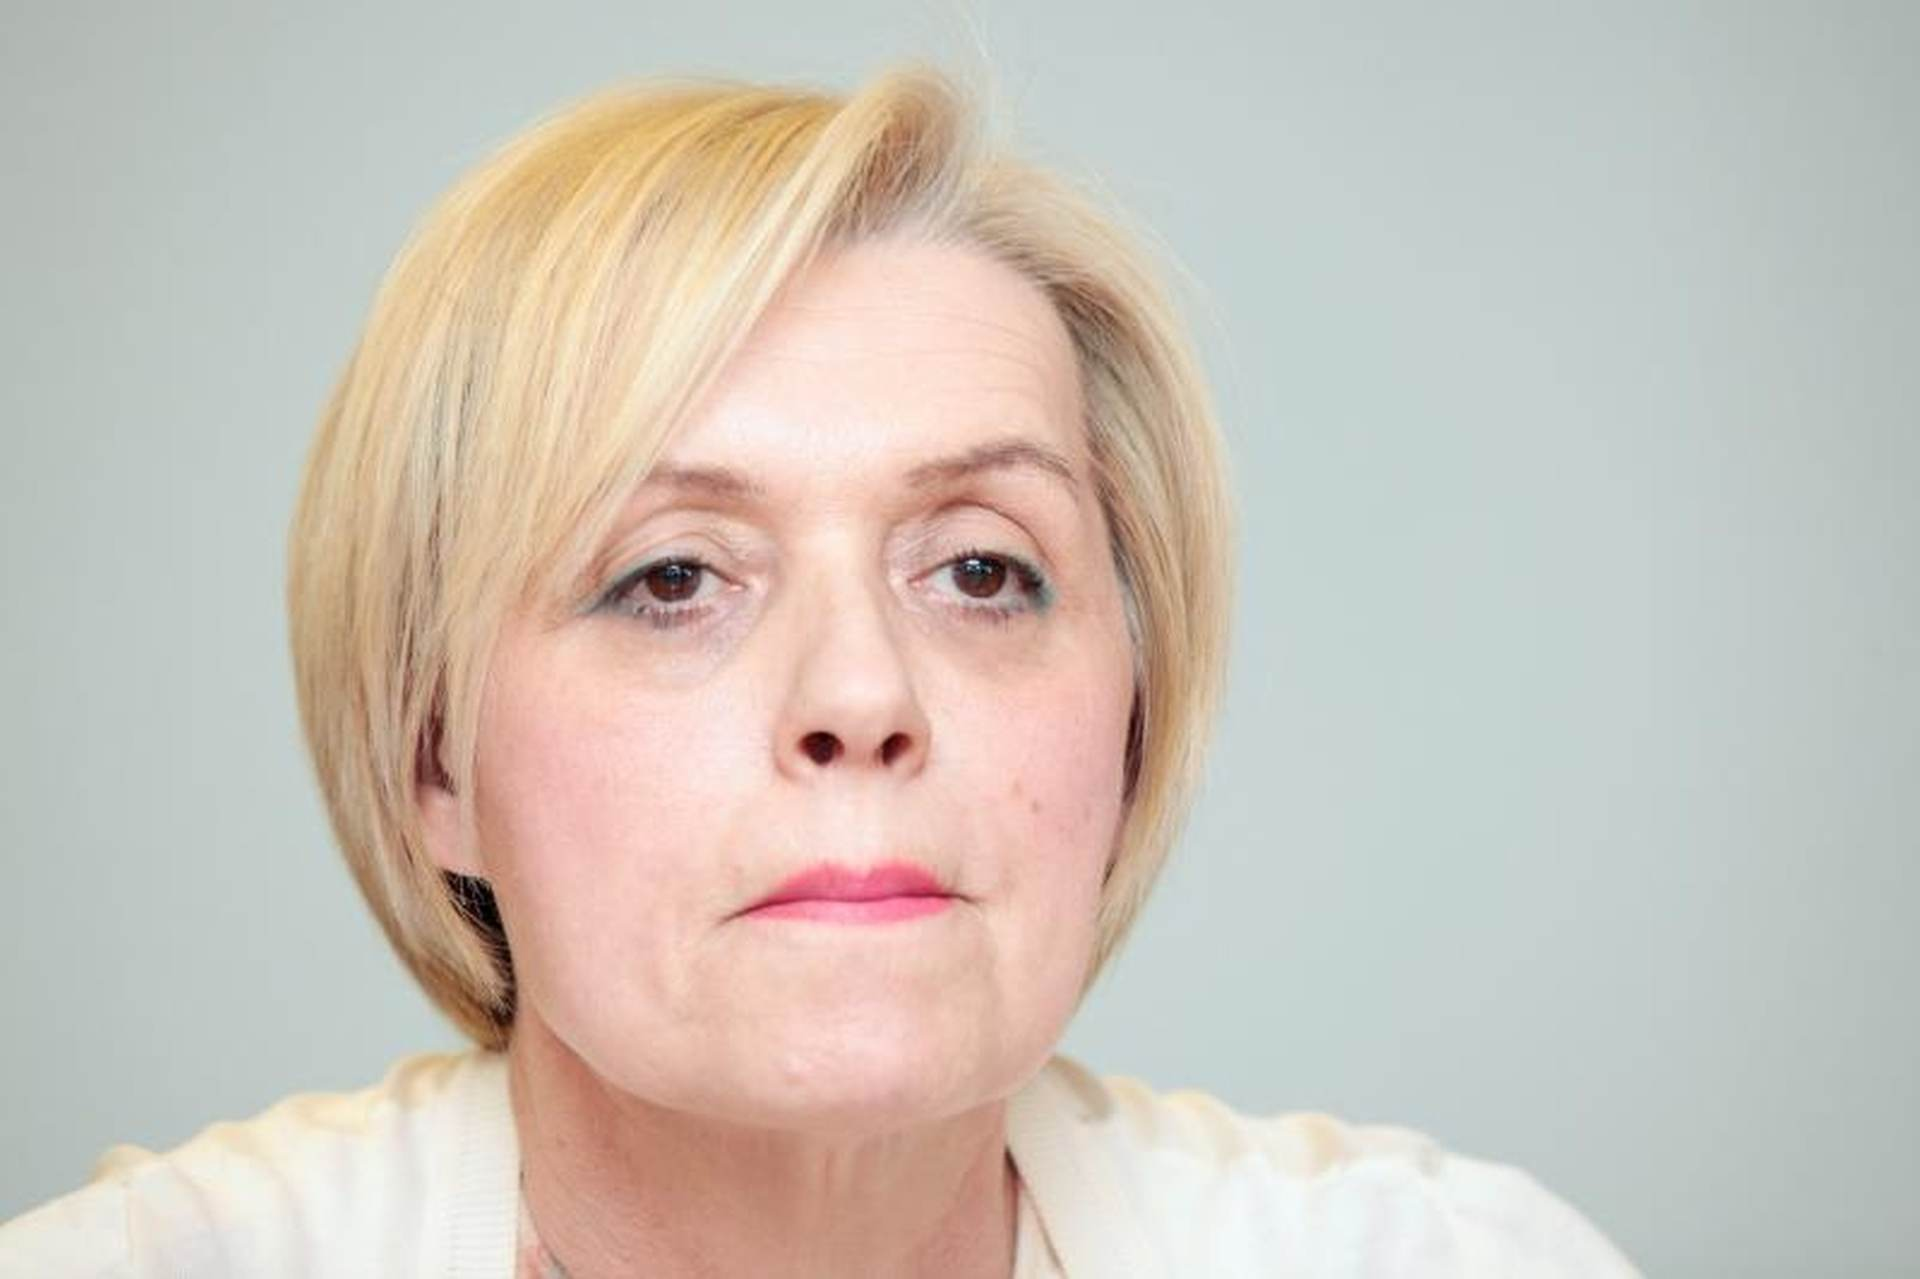 TRGOVANJE UTJECAJEM: Bivša ravnateljica Porezne uprave očekivala optužnicu